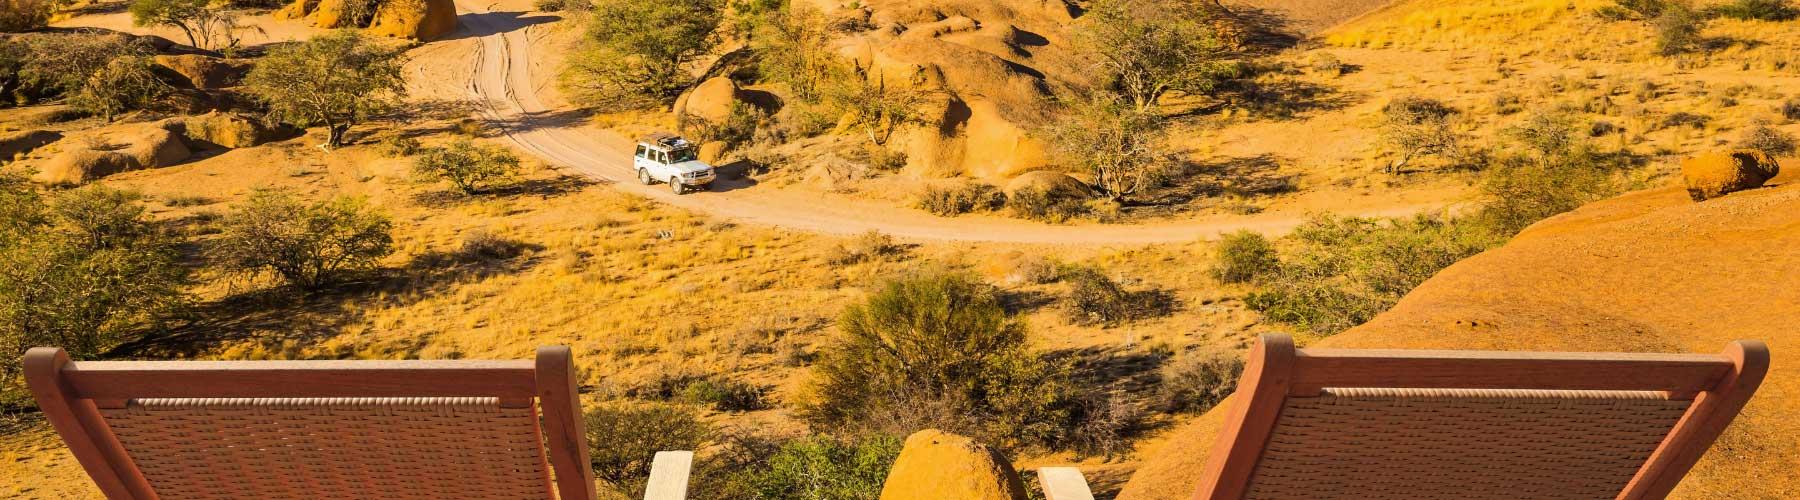 """Viaggiare in Africa in formula """"Drive & Lodge"""": cosa significa?"""